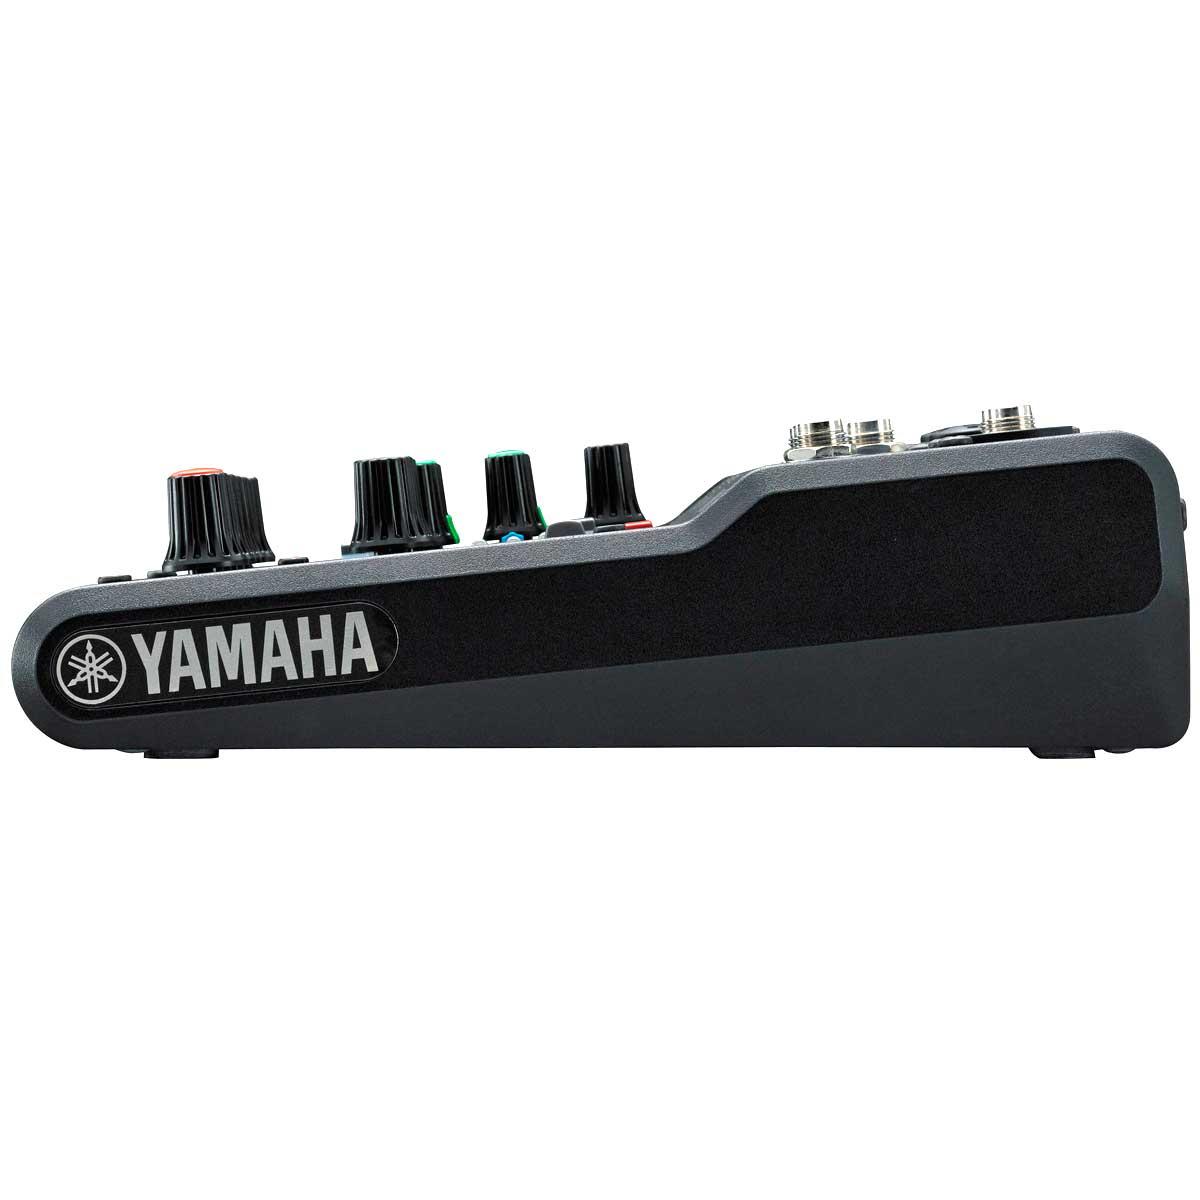 Mesa de Som 6 Canais (2 XLR Balanceados + 4 P10 Desbalanceados) c/ Efeito / Phantom / 1 Auxiliar - MG 06 X Yamaha